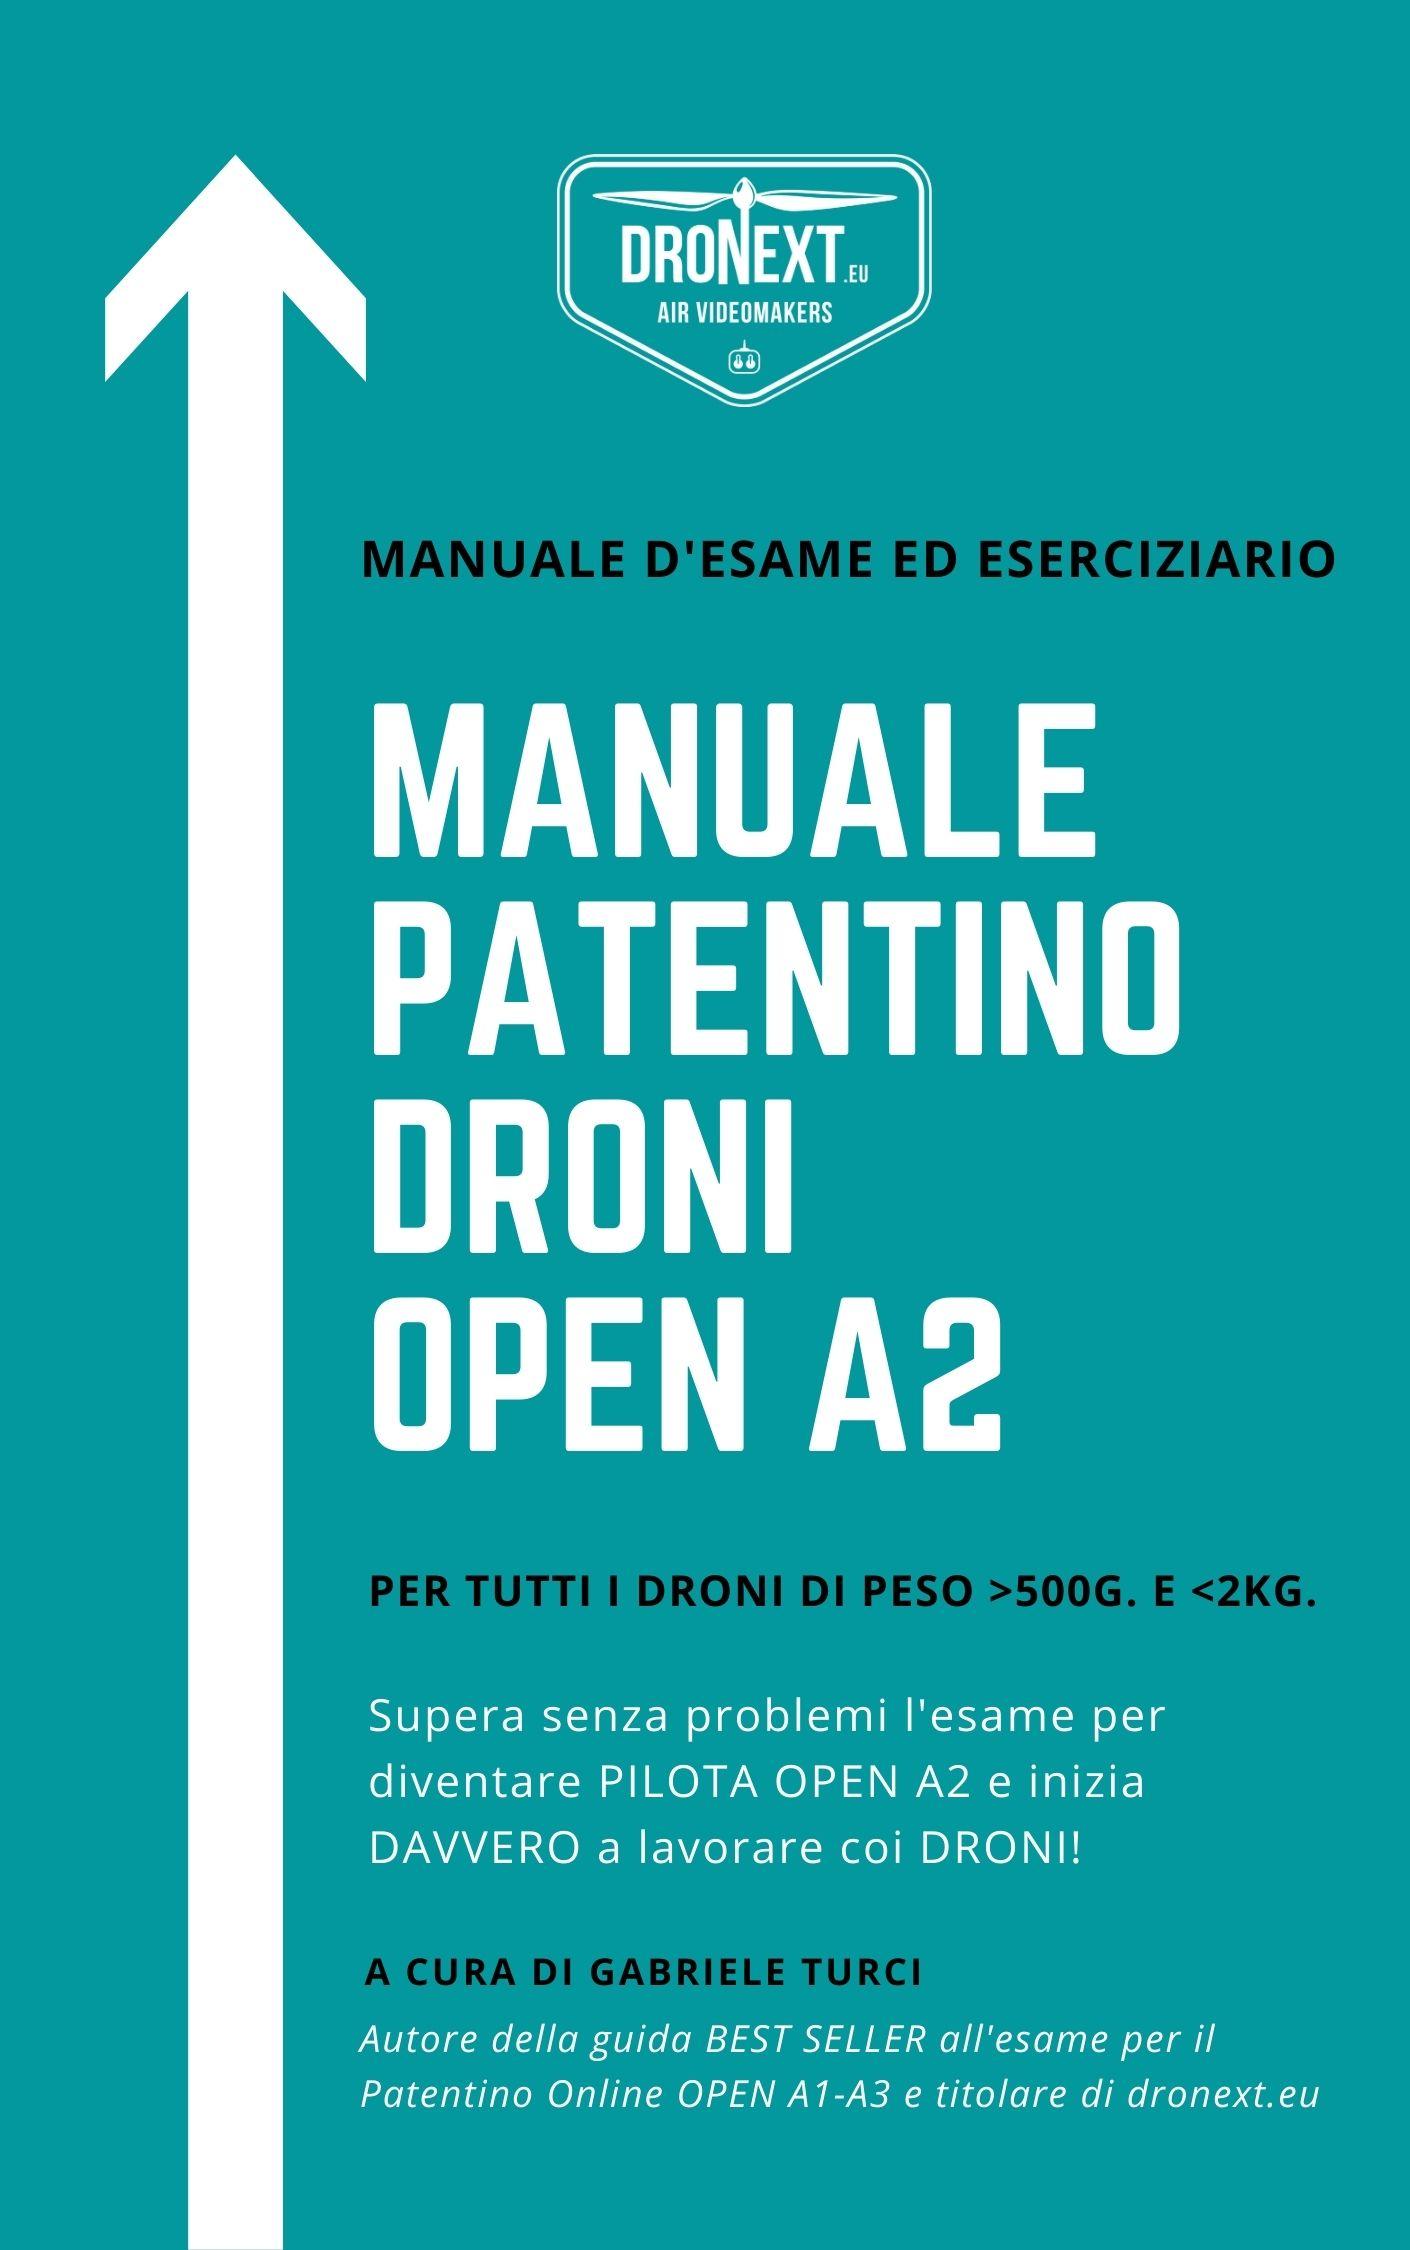 MANUALE PATENTINO DRONI OPEN A2 - GUIDA